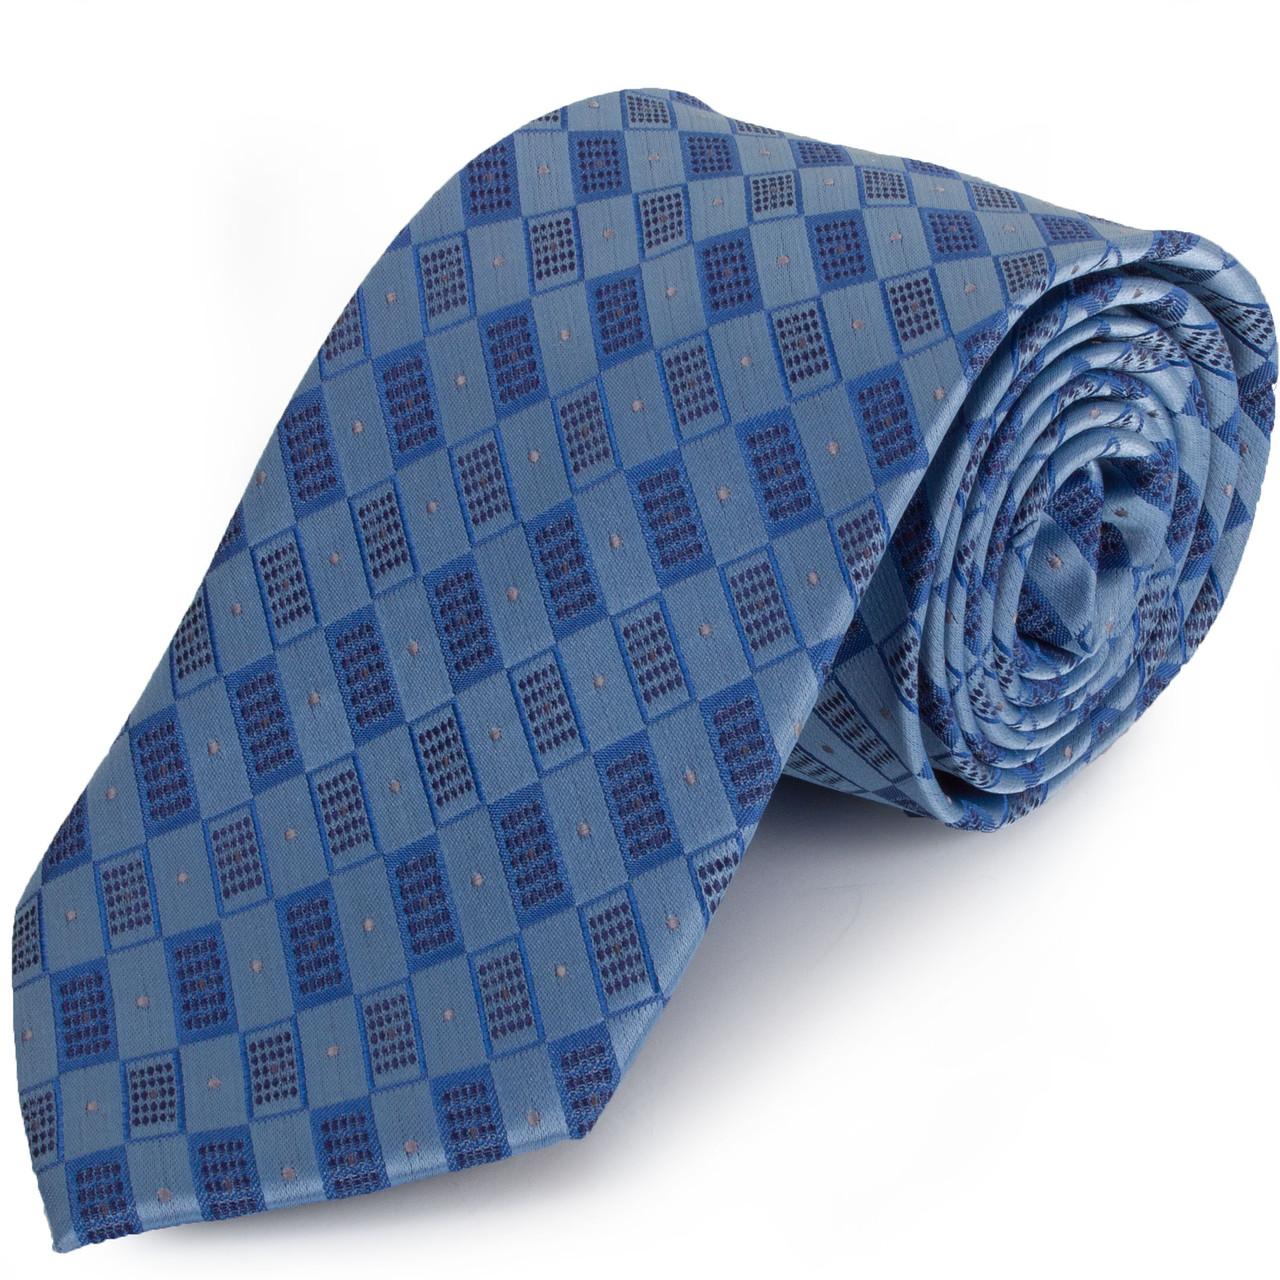 Універсальний чоловічий широкий галстук SCHONAU & HOUCKEN (ШЕНАУ & ХОЙКЕН) FAREPS-20 синій